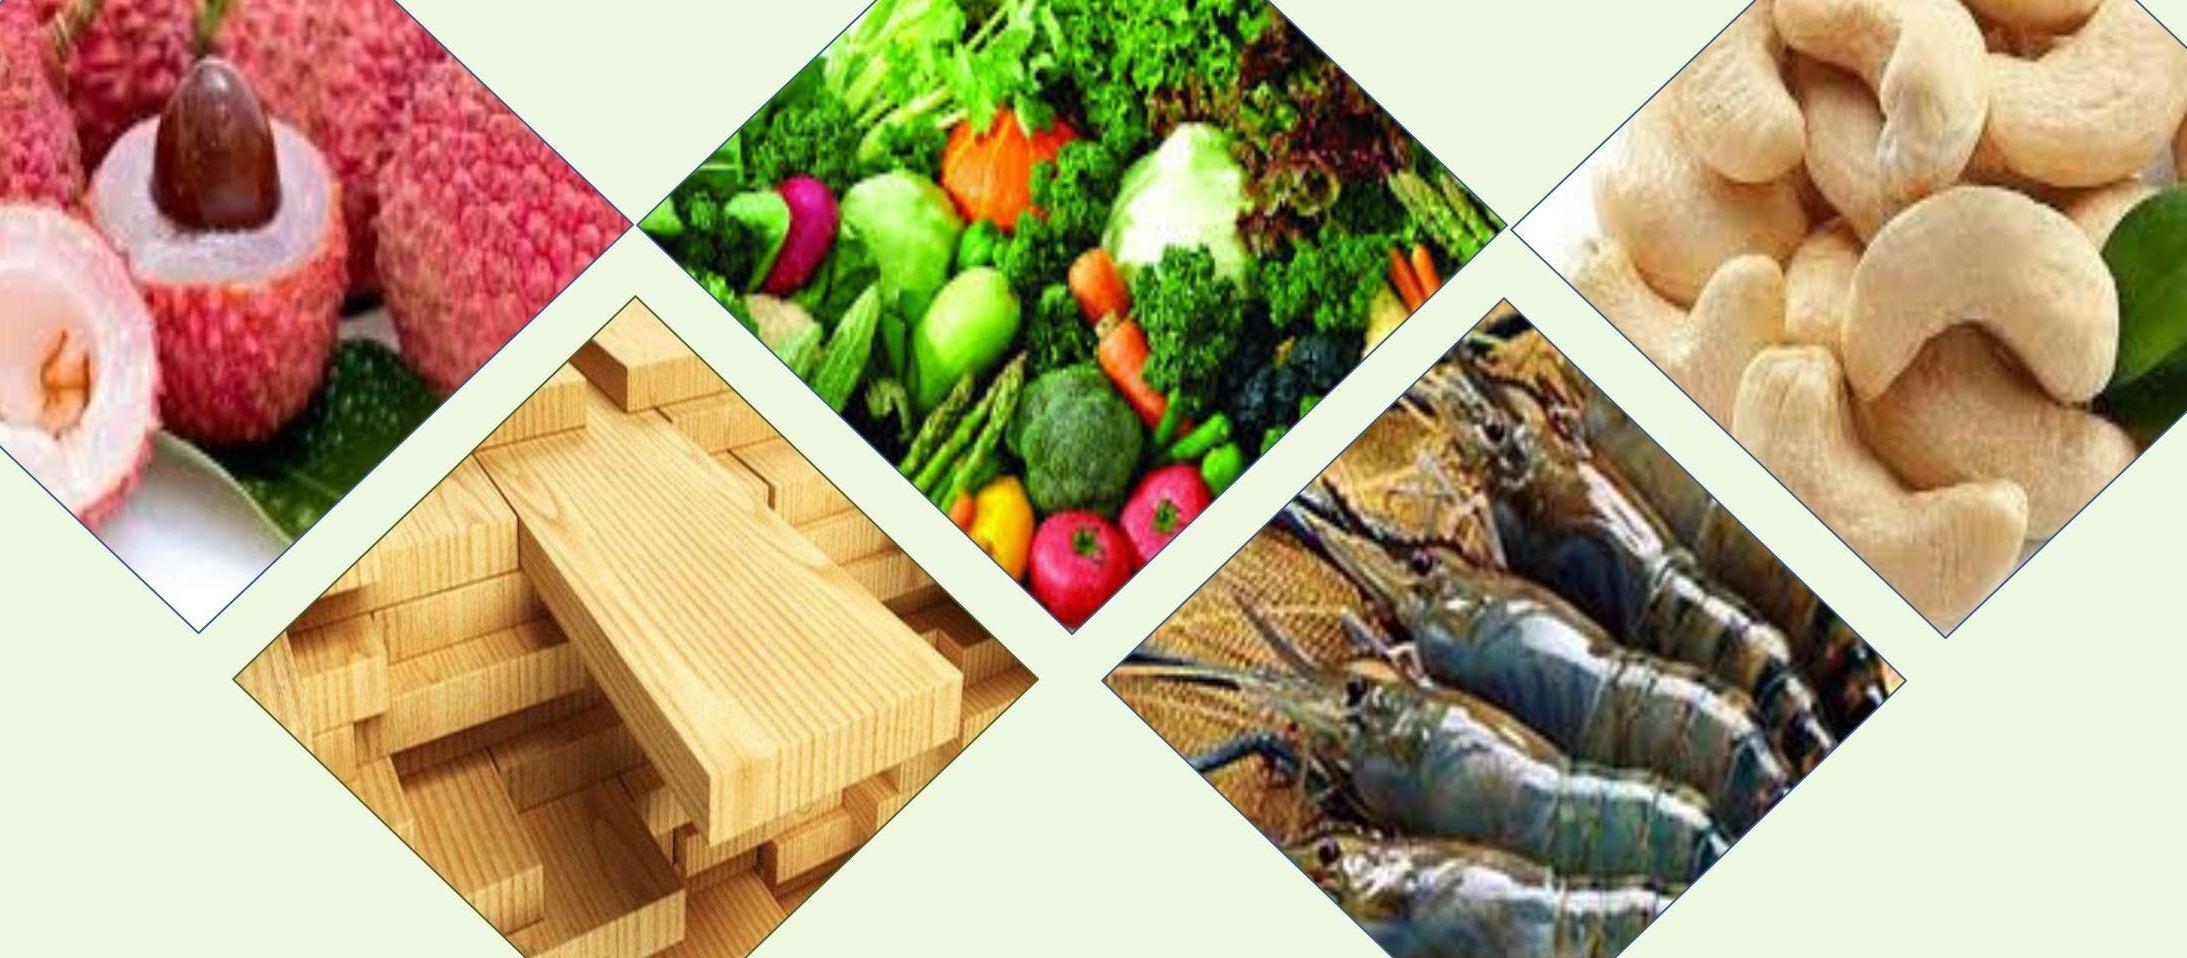 [Infographic] 8 tháng, xuất khẩu nông, lâm, thủy sản đạt hơn 26 tỷ USD